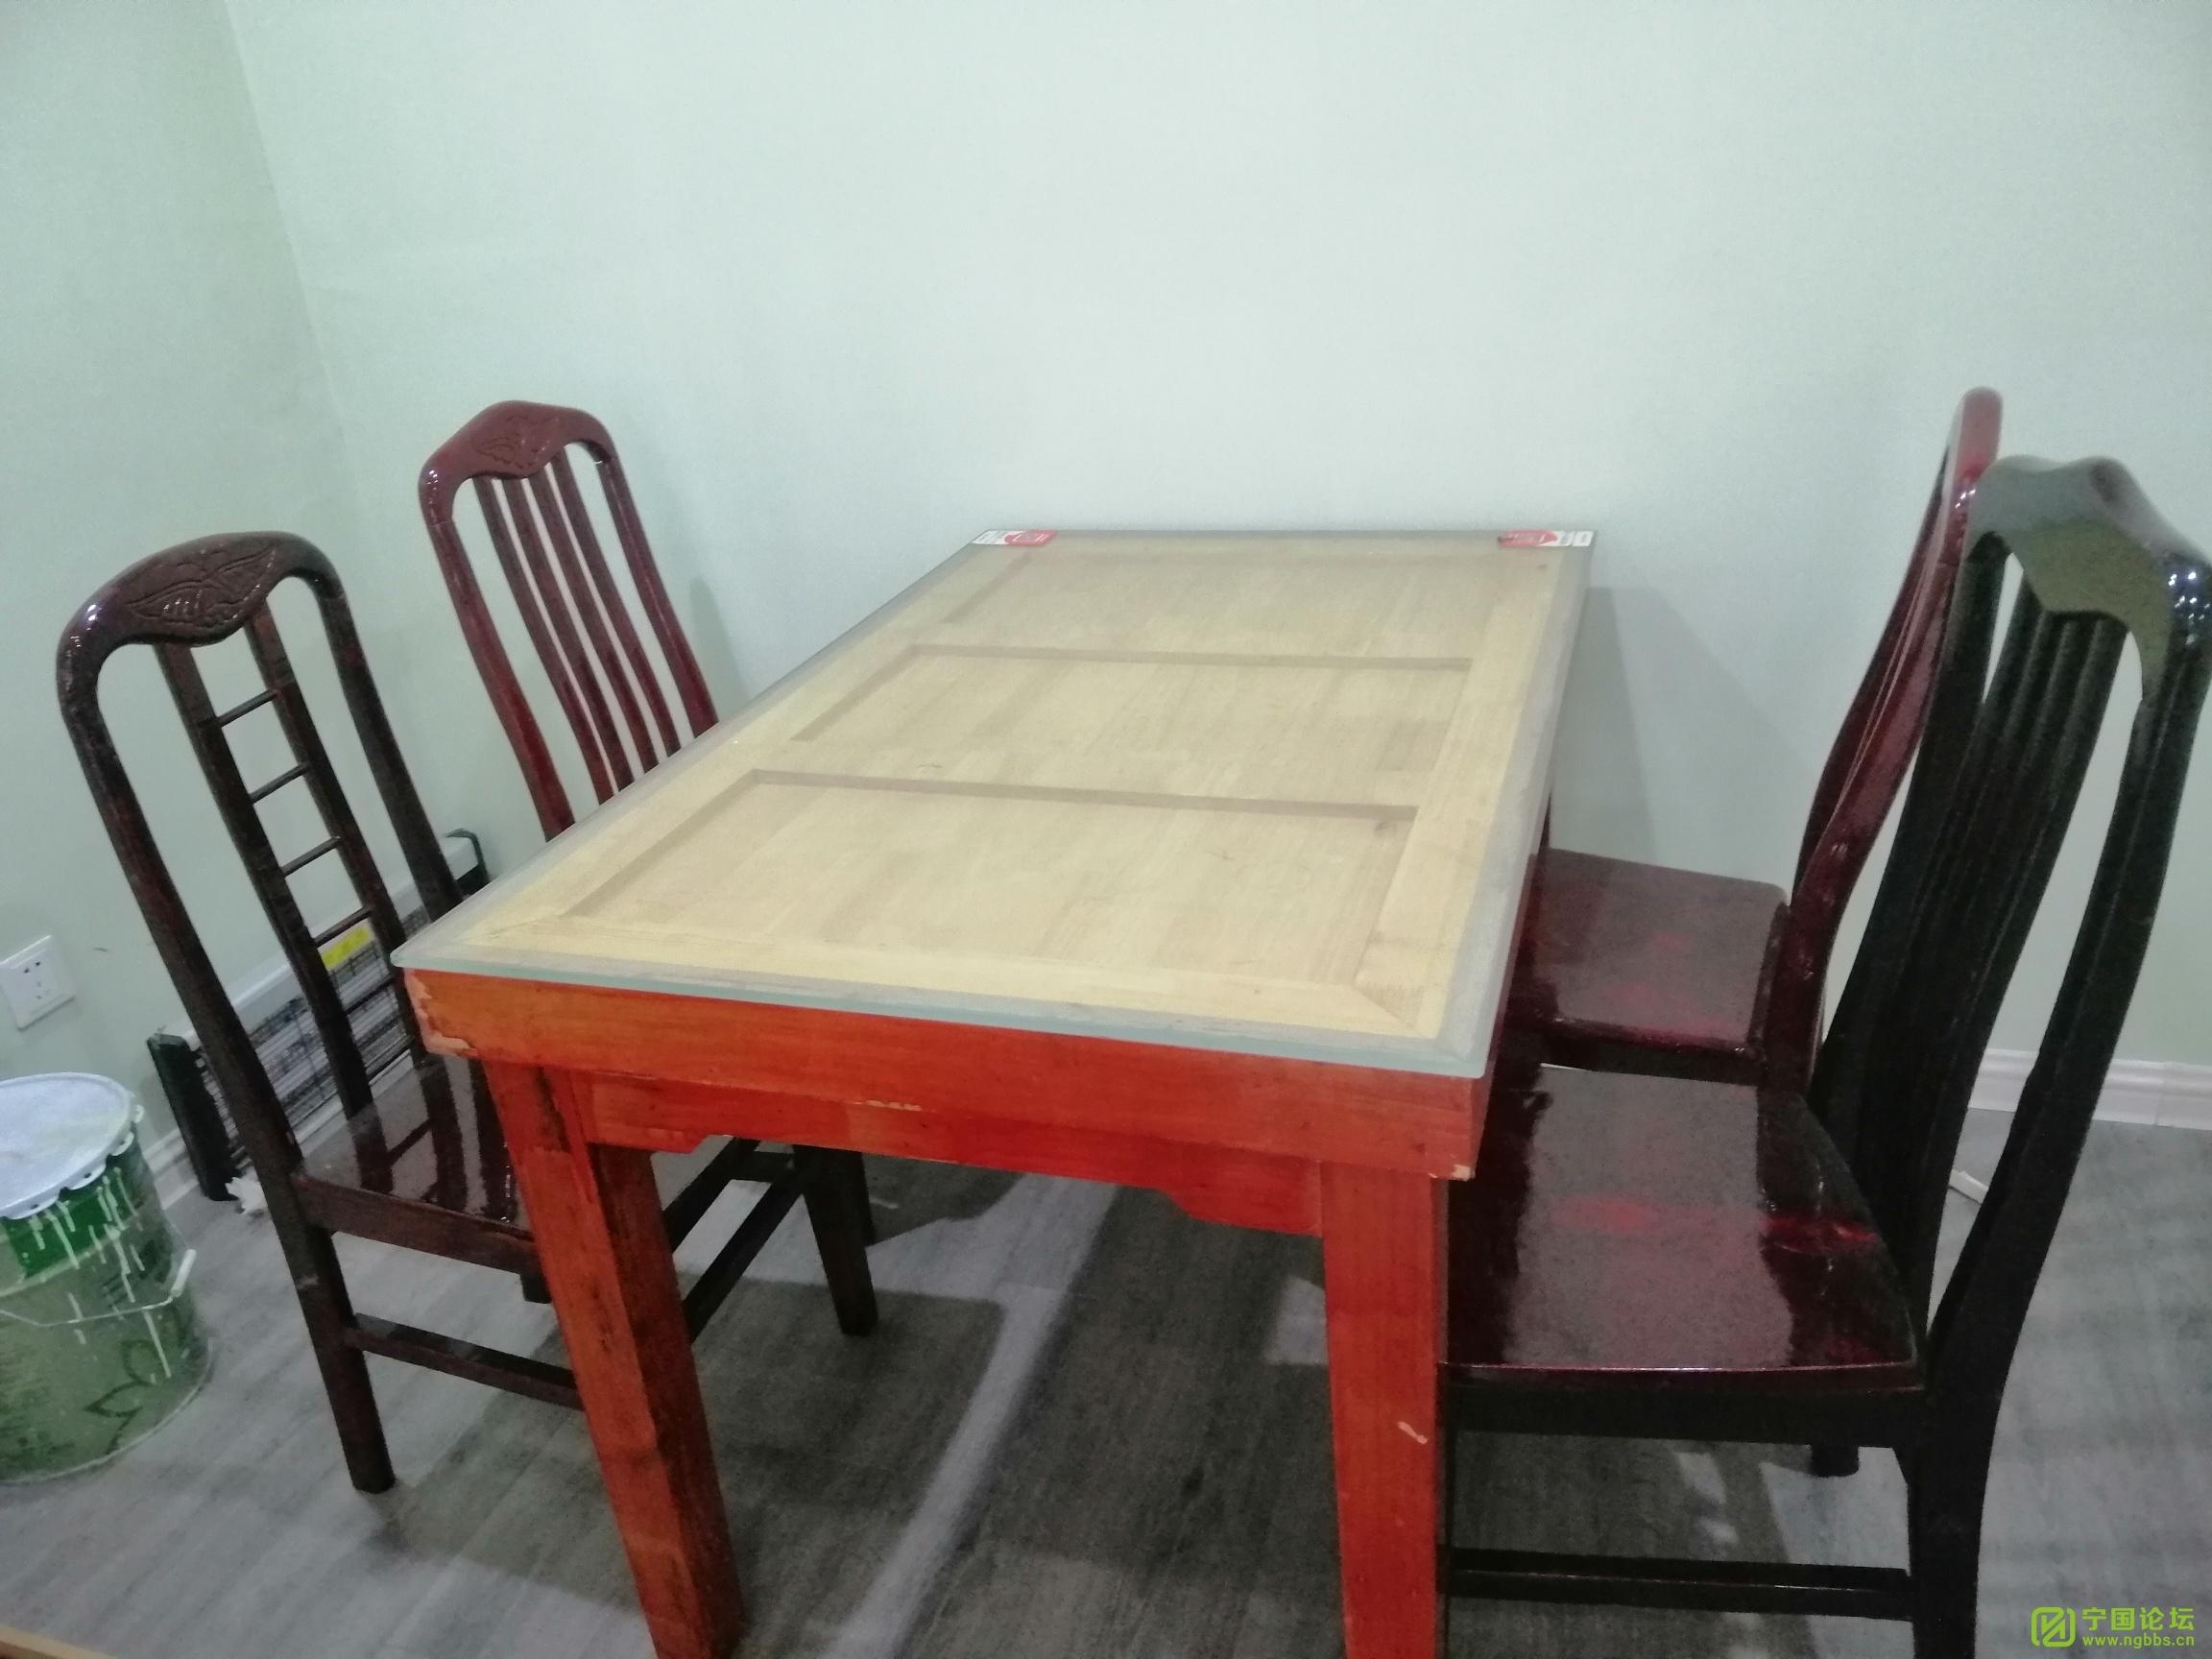 桌椅低价处理,有意者请联系180 - 宁国论坛 - 1602990624527751_499.jpg